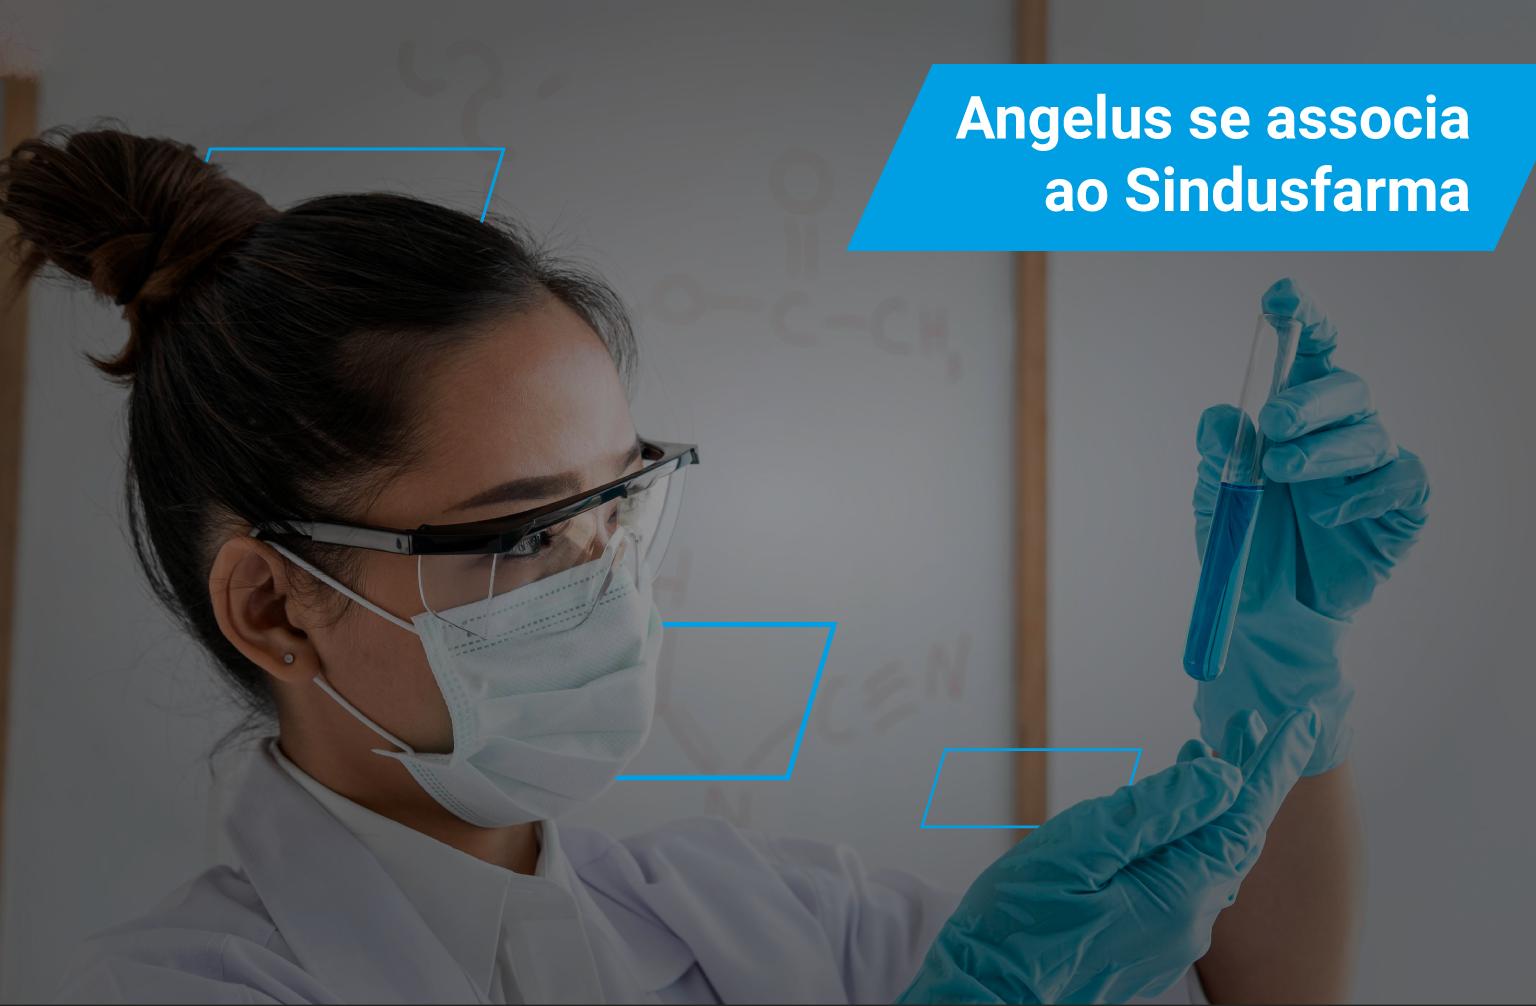 Artigo - Angelus se associa ao Sindusfarma